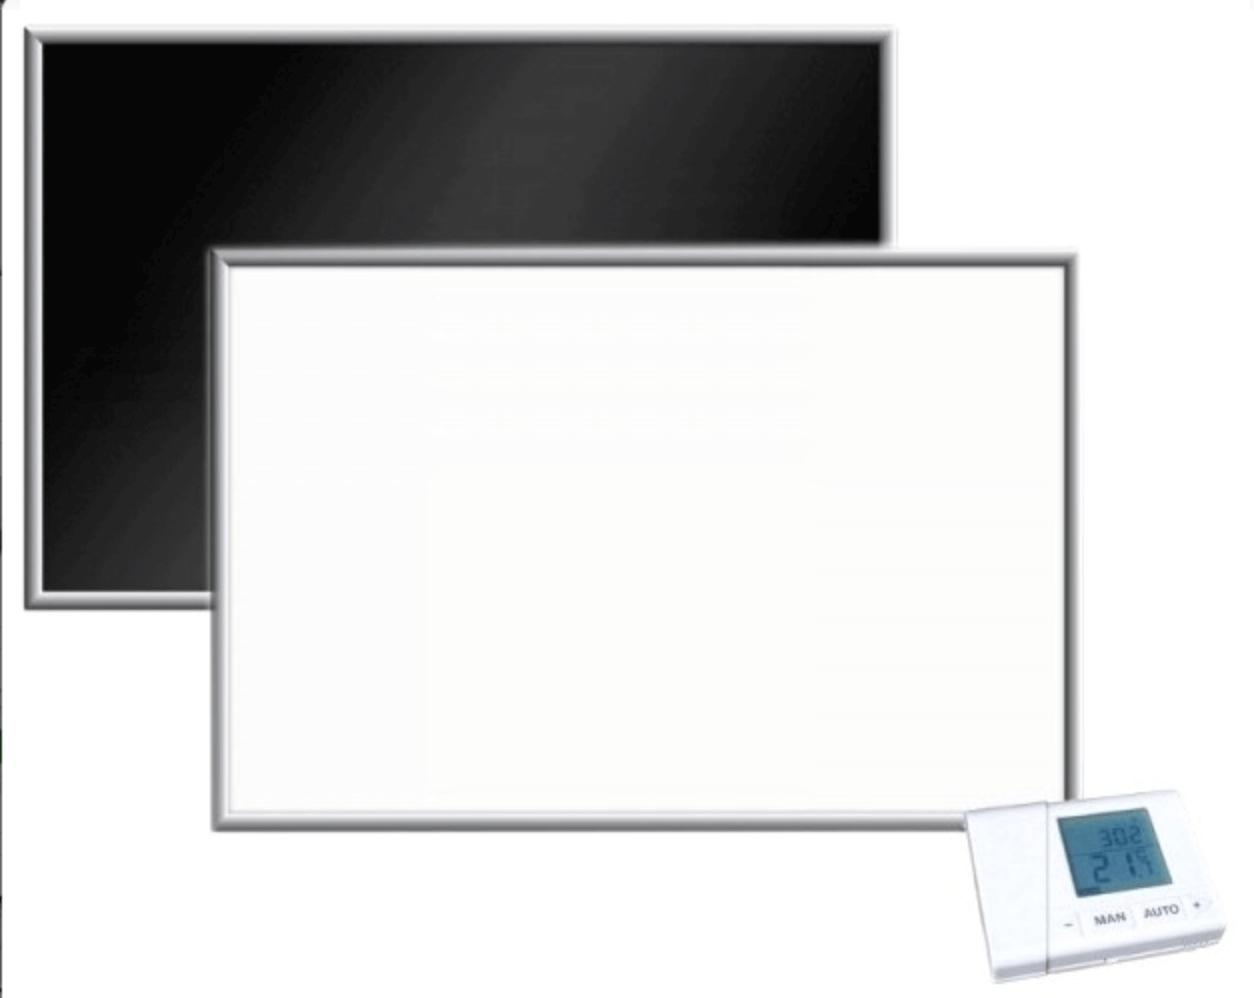 Darstellung einer 1000 Watt Glasheizung der Marke Firstheating inkl. Funkthermostat-Set